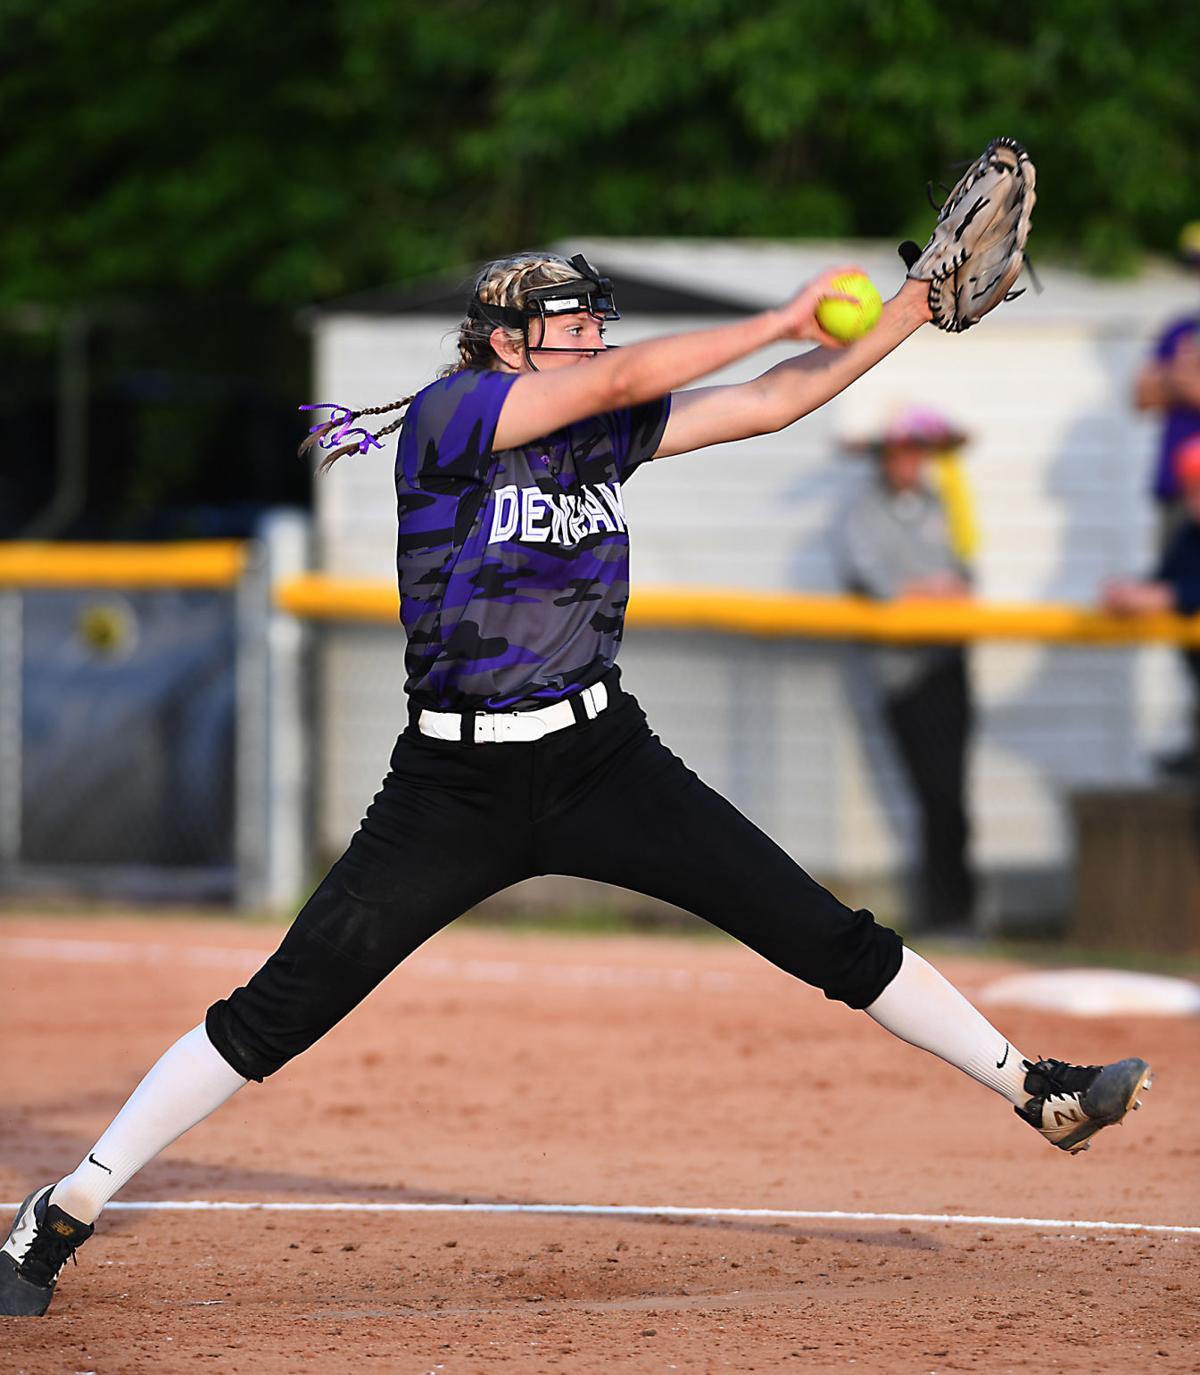 Denham Springs softball vs. Pineville: Natalie Parker